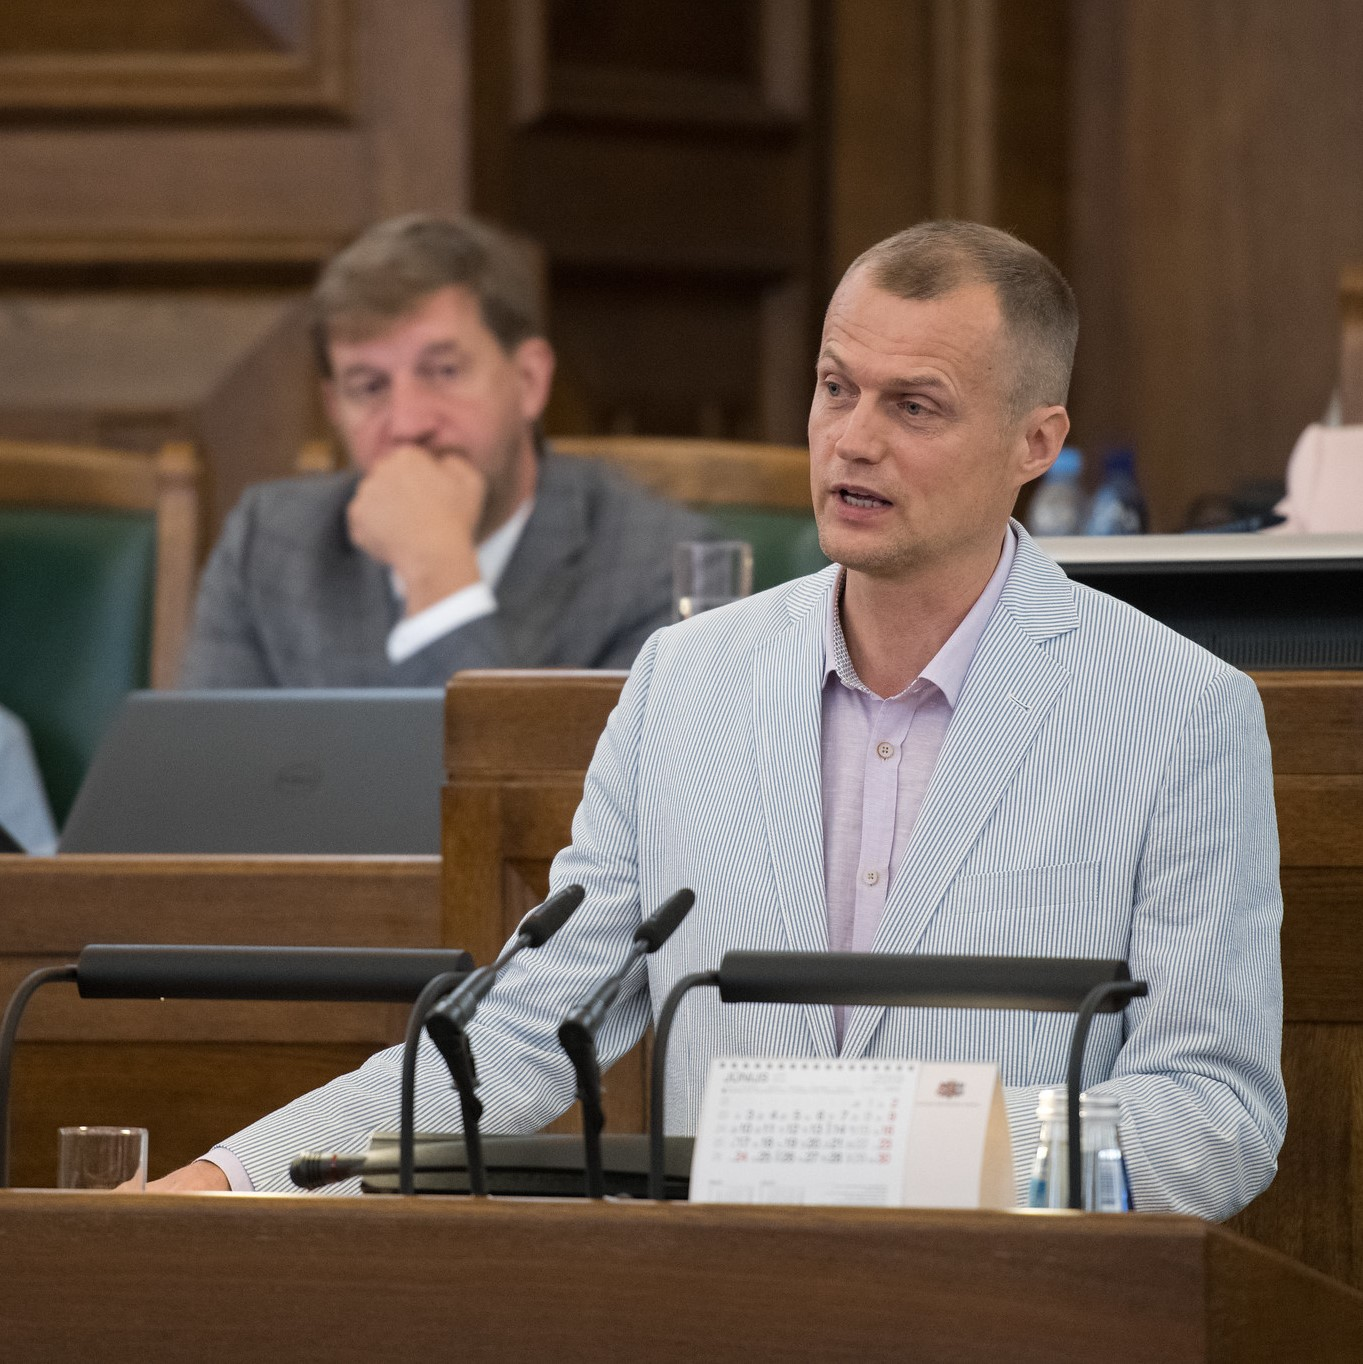 Ivars Zariņš: Kādēļ šodien vairāki opozīcijas deputāti boikotēja prezidenta Levita uzrunu Saeimā?